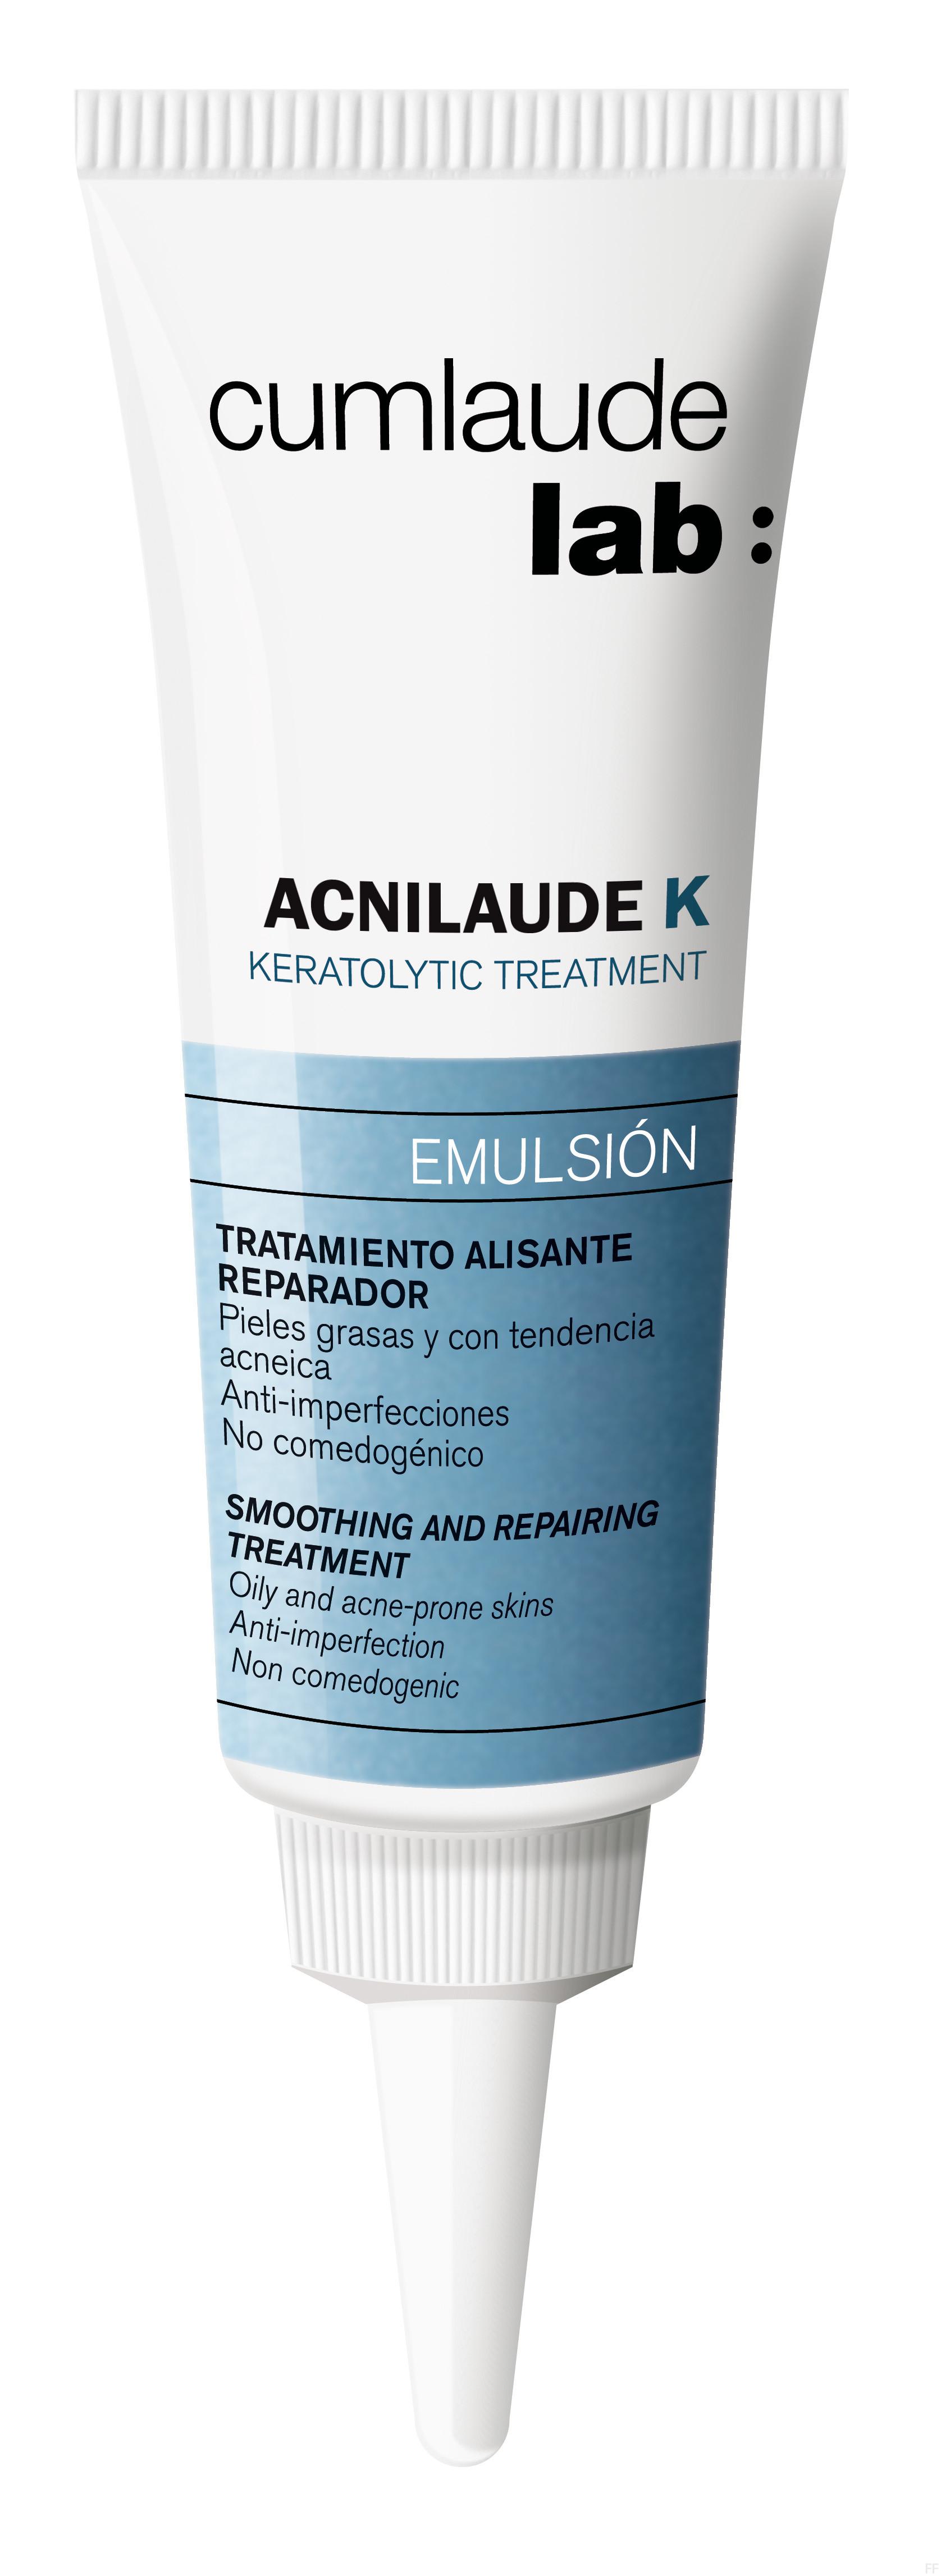 Cumlaude Acnilaude K Emulsión 30 ml